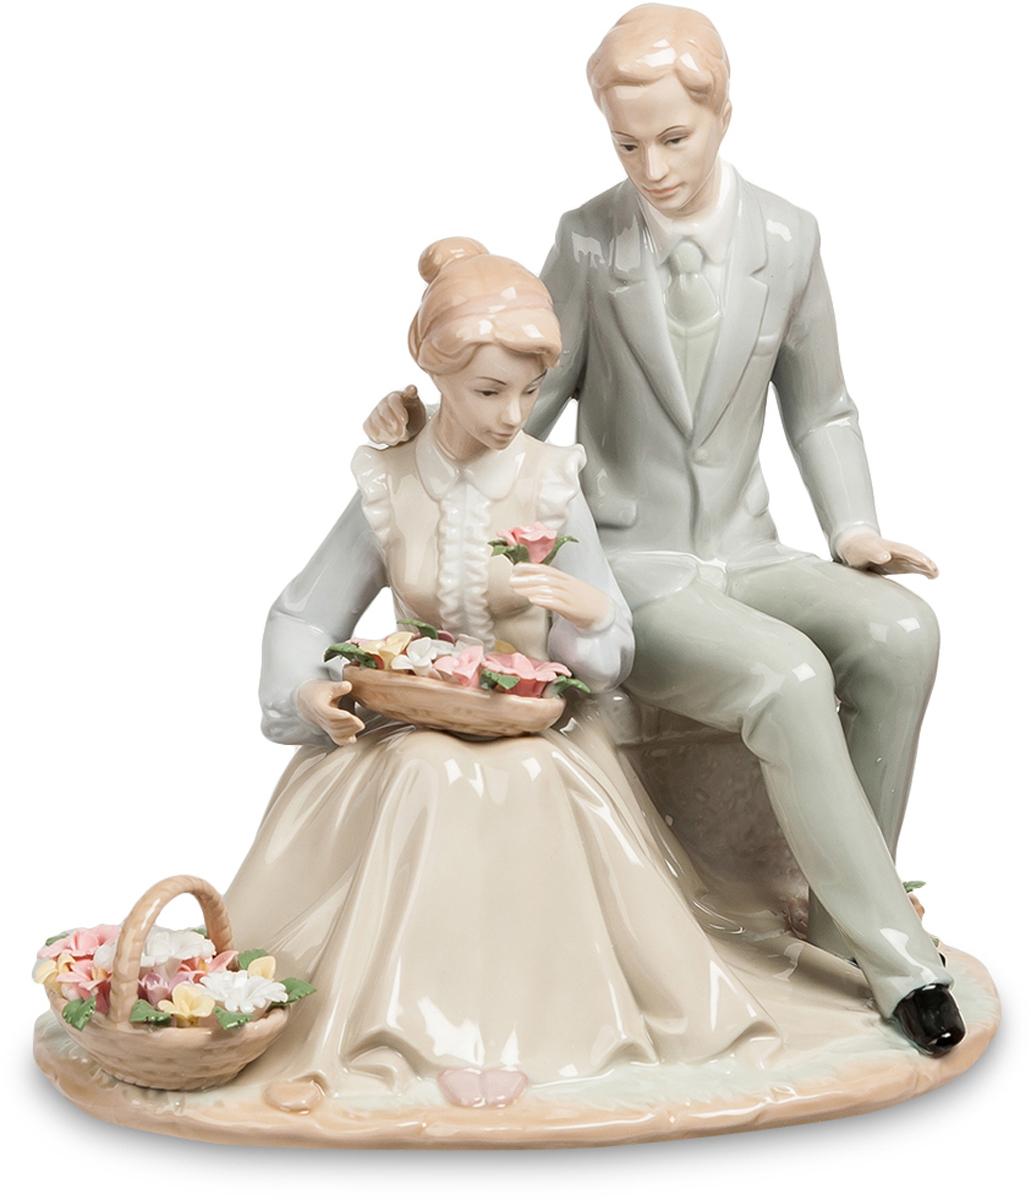 Статуэтка Pavone пара Цветы для Любимой. JP-15/46JP-15/46Статуэтка Молодожёнов высотой 24 см. Любимые цветы моей любимой жены. Женщины очень любят знаки внимания, и расцветают, как бутоны прекрасных цветов, окруженные знаками внимания окружающих мужчин или одного-единственного, но любимого человека. Без эмоционального движения жизнь на этой планете напоминала бы ад; женщины знают об этом и с удовольствием поощряют кавалеров на маленькие, но приятные подарки. Статуэтка Цветы для любимой, сделанная их фарфора и раскрашенная красками пастельных тонов, изображает молодую пару – мужчину и возлюбленную, которой он только что преподнес две большие корзинки ароматных роз. Пара выглядит вполне современно: судя по костюмам, молодые люди любили друг друга в середине прошлого века. На мужчине строгий элегантный костюм, на девушке – длинное бежевое платье с белыми оборками и голубая блузка. У молодых людей приятные, спокойные лица и красивые прически. Композиция расположилась на круглой тонкой подставке, а влюбленная пара – на...